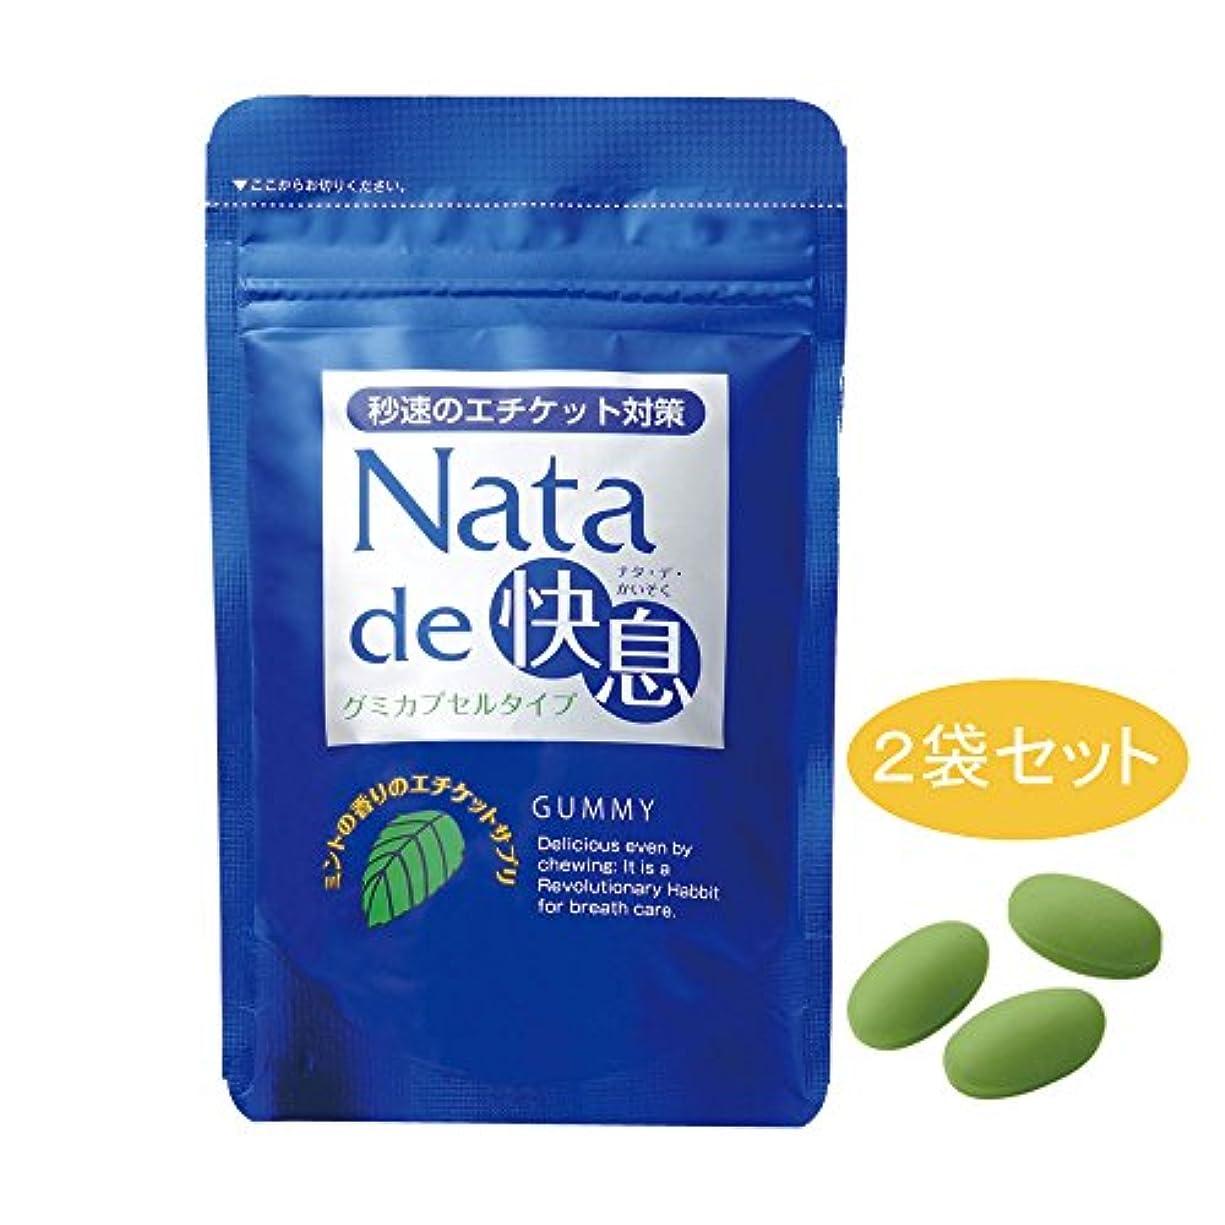 ジャグリング扱う特徴づけるナタデ快息 ミントの香り 2袋セット